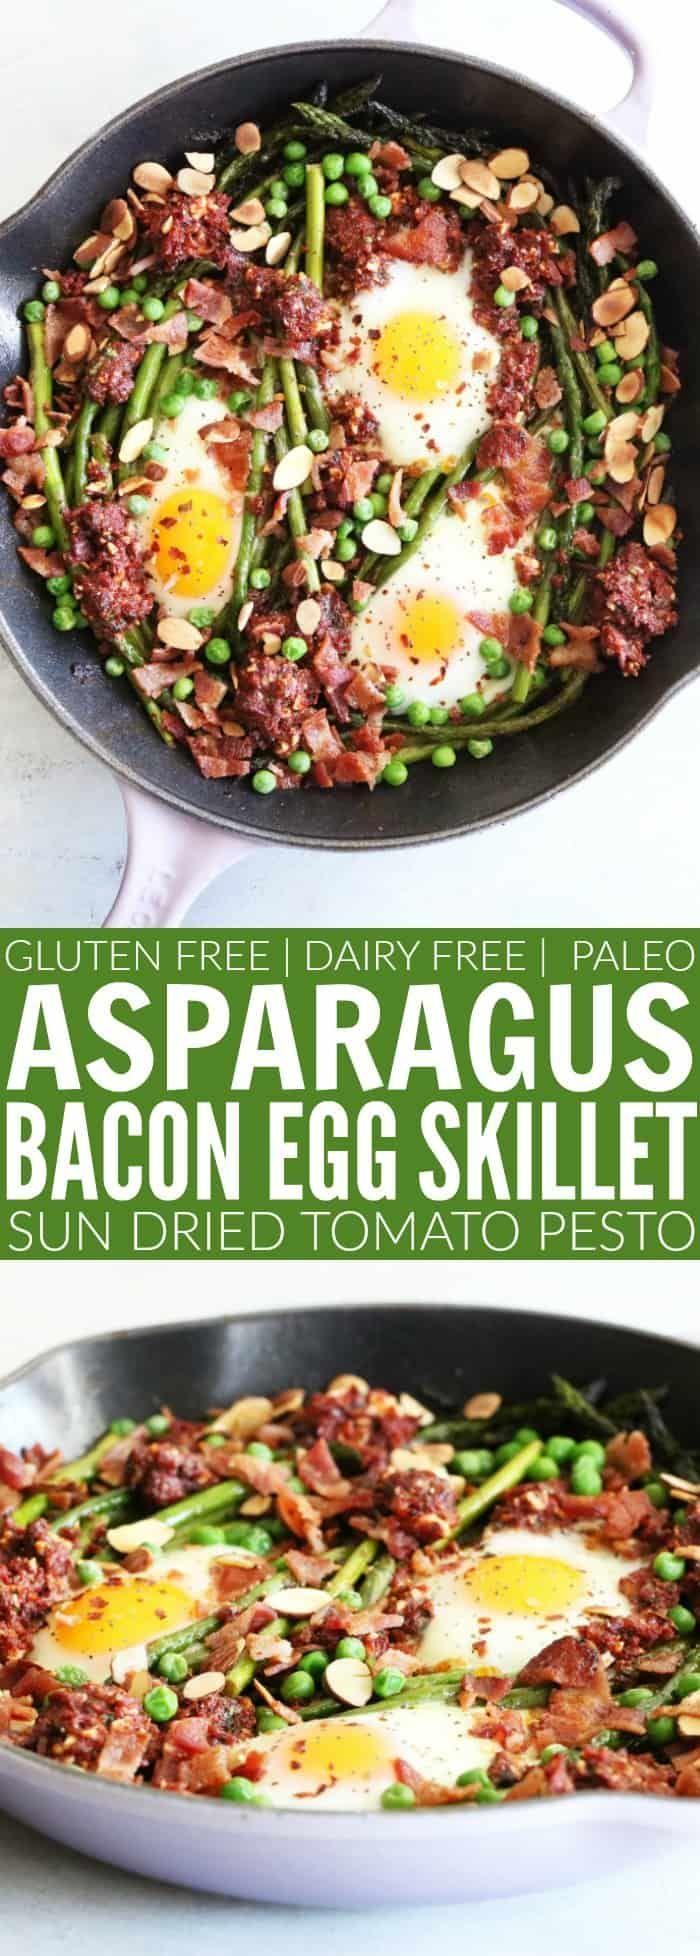 Egg Breakfast Skillet I hope you guys love this Asparagus + Egg Breakfast Skillet!! Loaded with ton